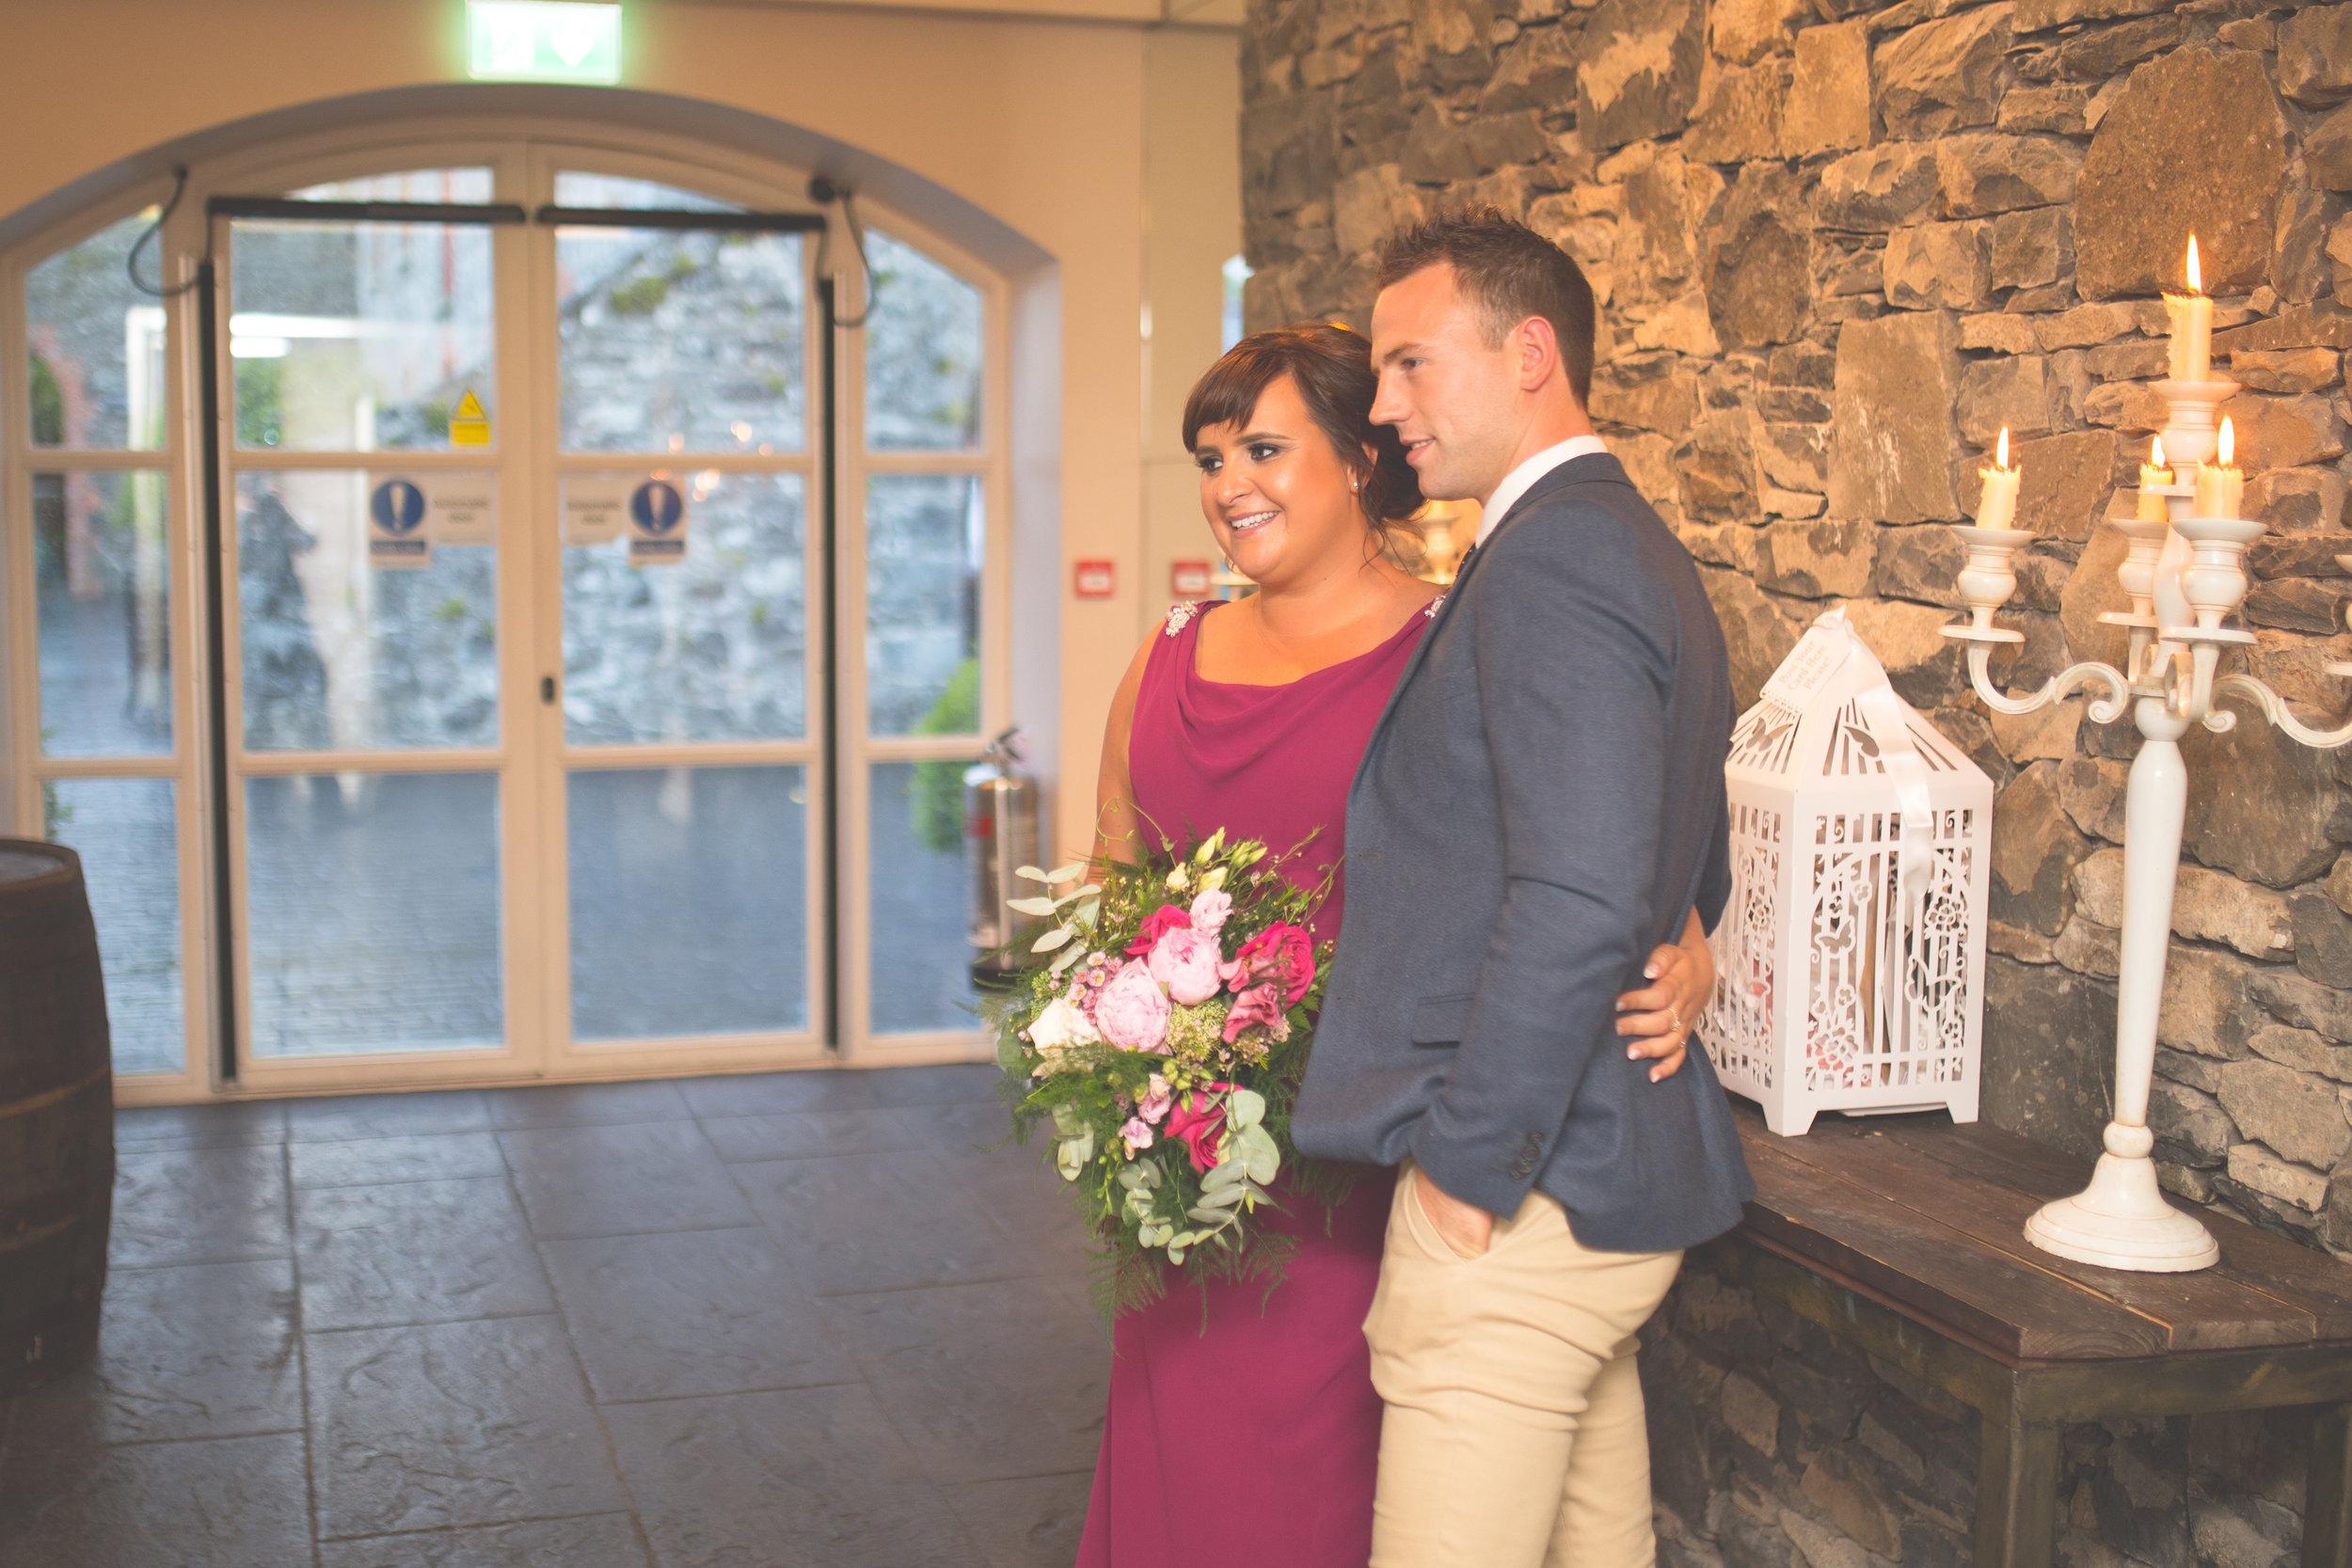 Brian McEwan Wedding Photography | Carol-Anne & Sean | The Speeches-137.jpg